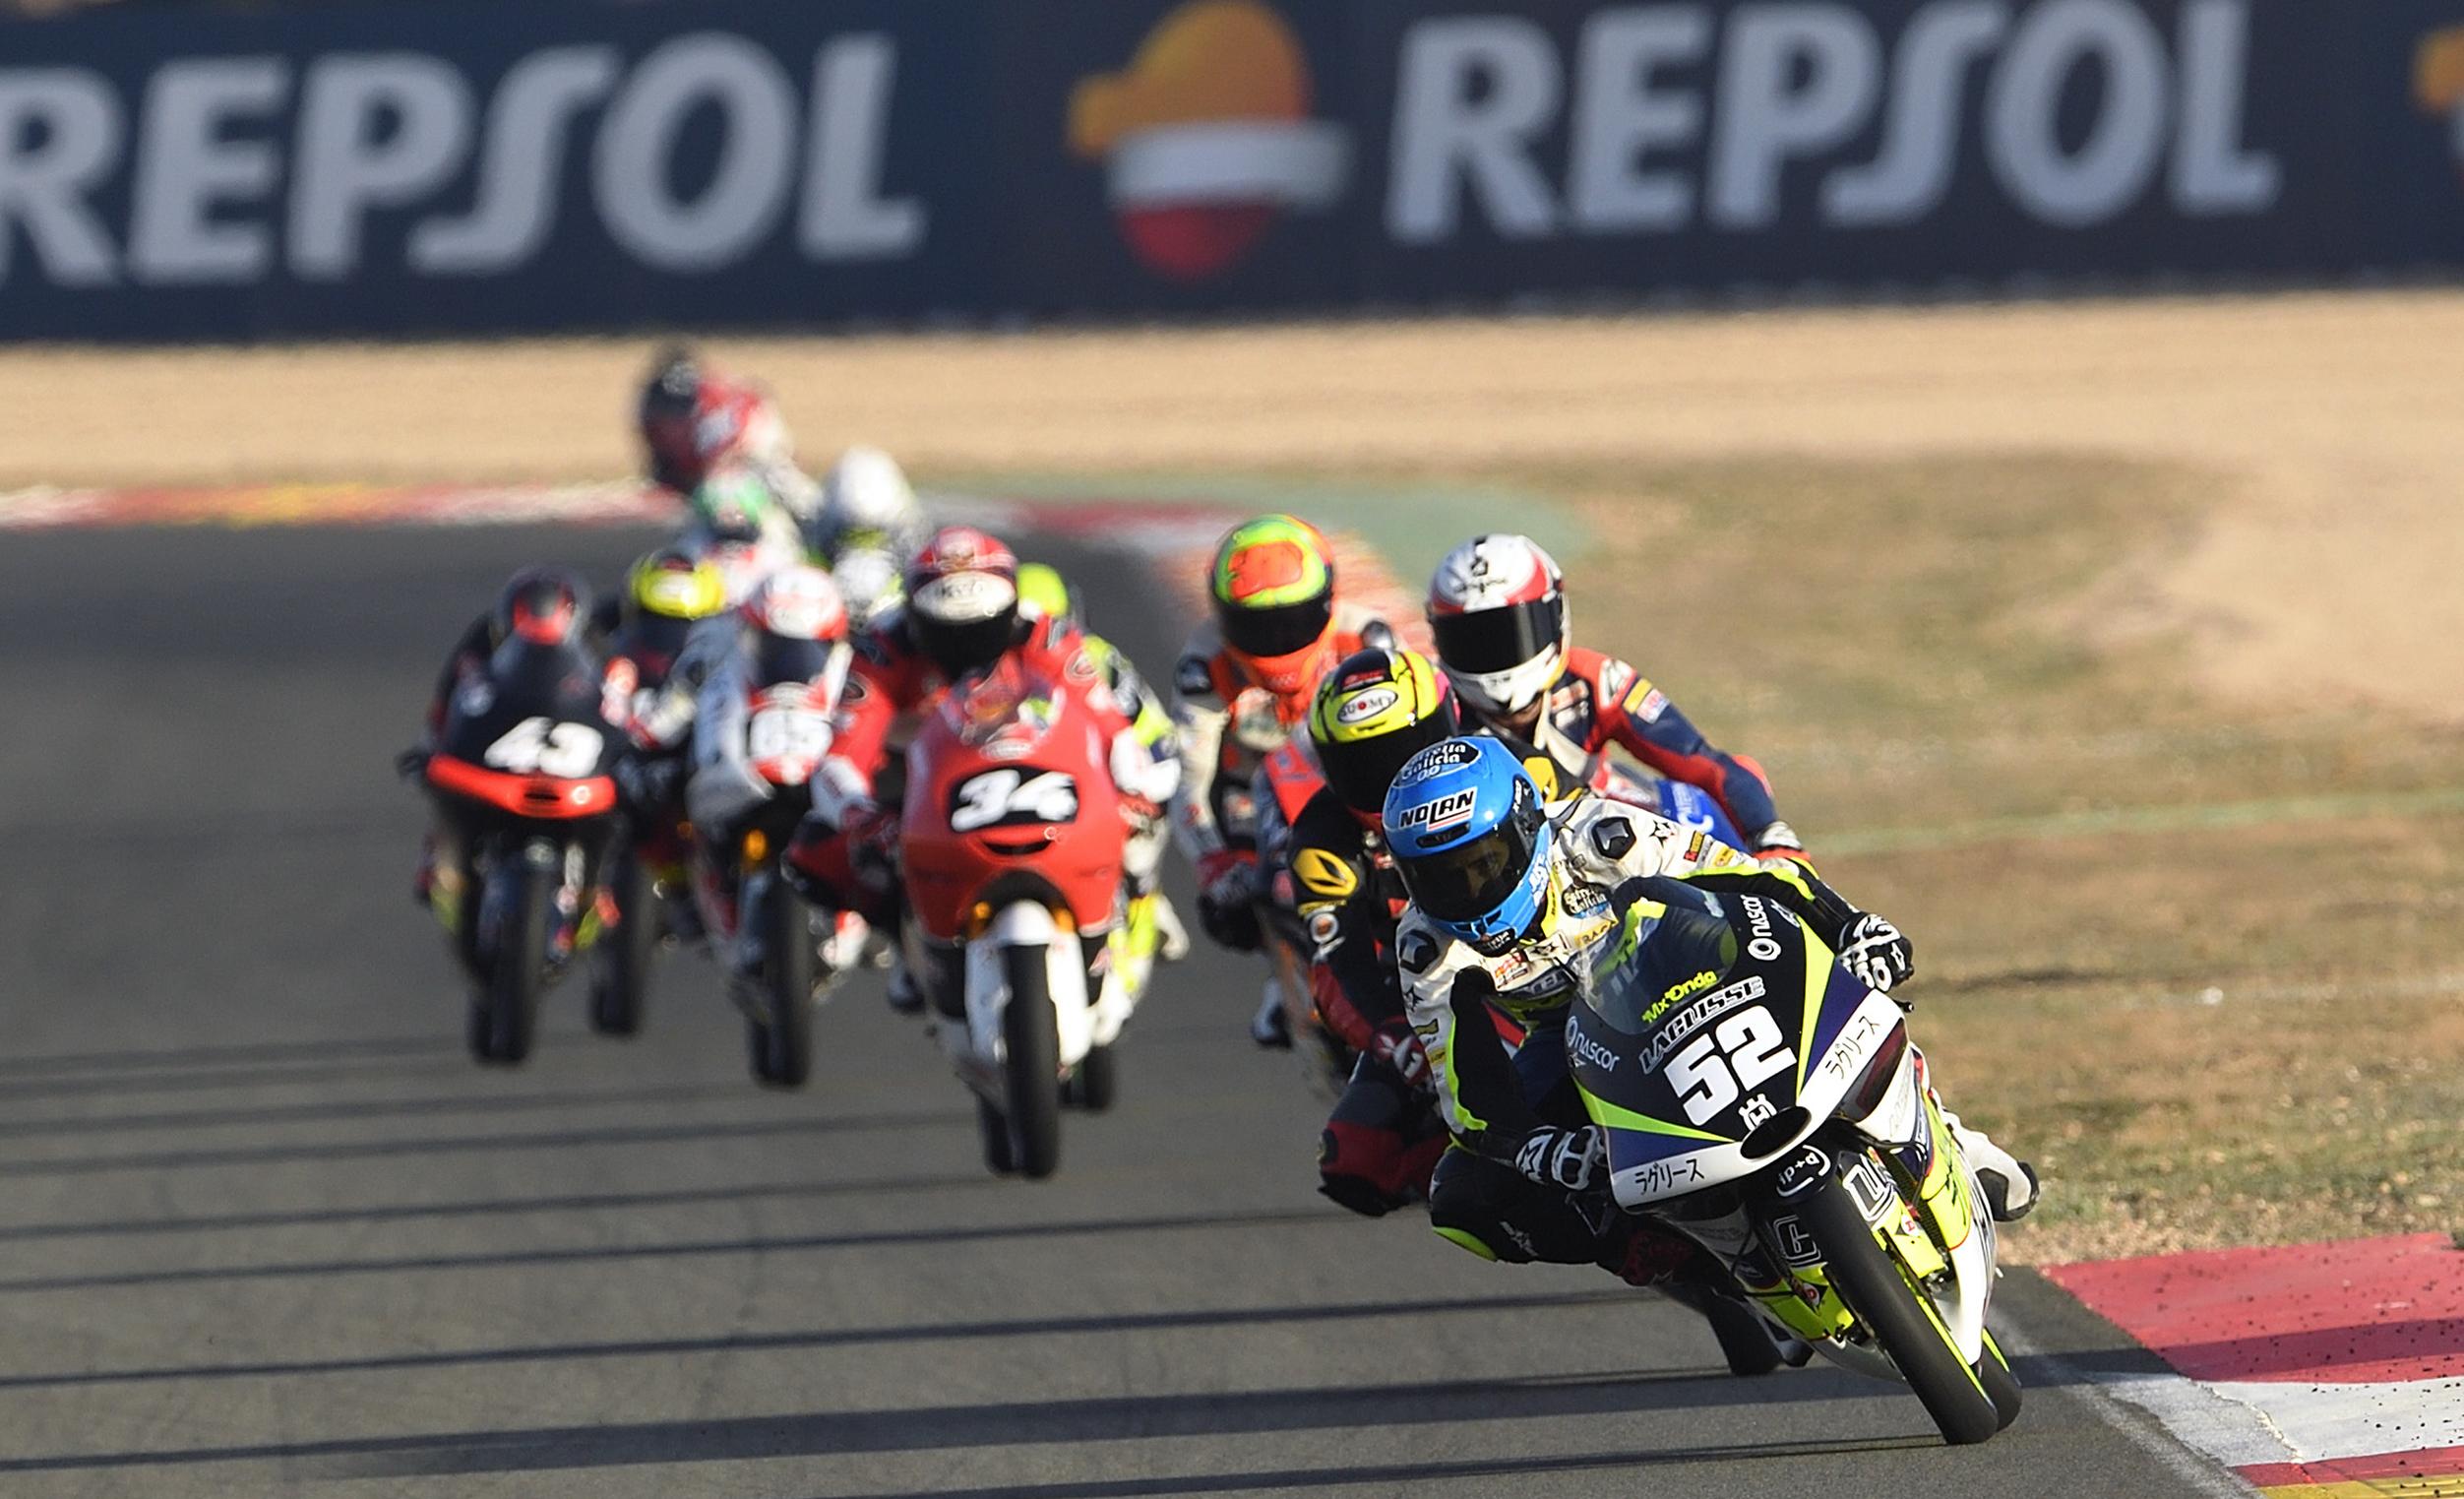 CEV,Repsol: Alcoba não deu hipótese das Moto3 em Albacete